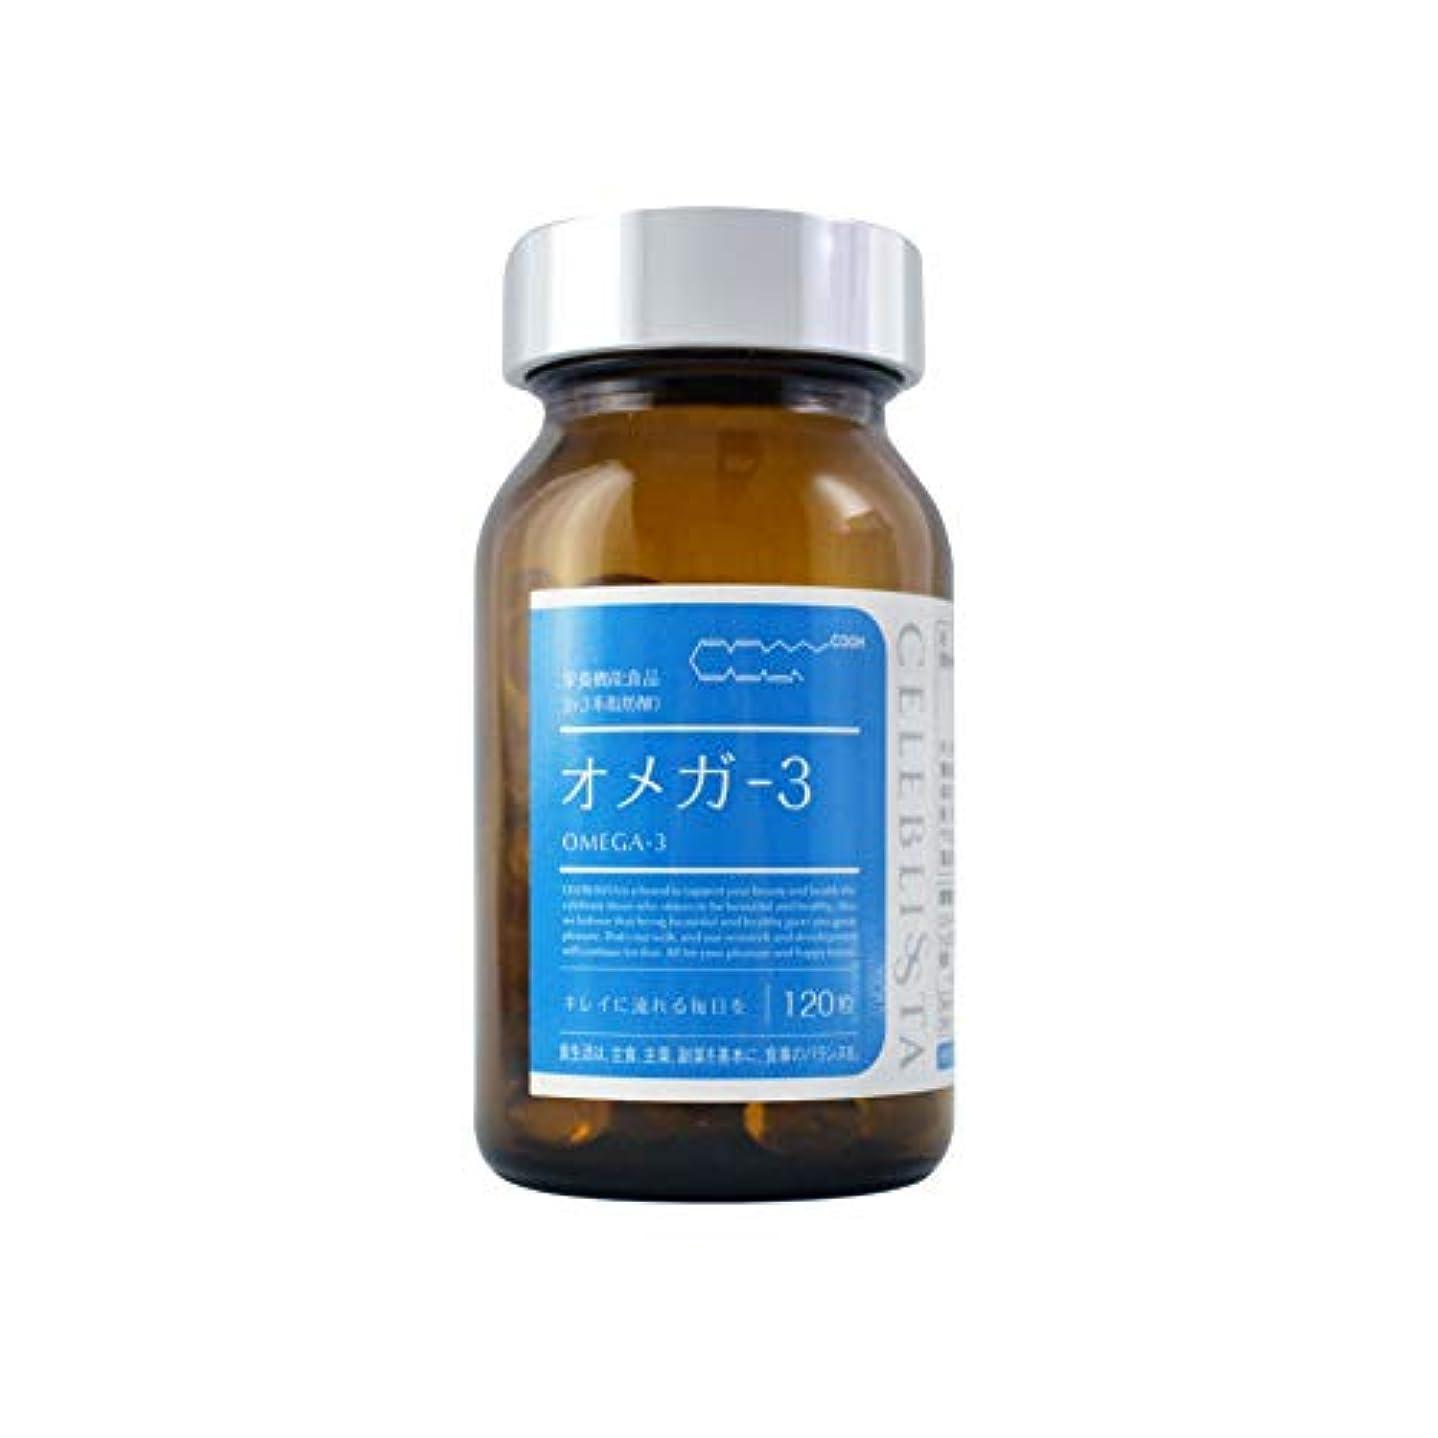 ソケット熱帯の外交問題CELEBLISSTA ( セレブリスタ ) オメガ-3 ( 基礎サプリ フィッシュオイル / 30日分 120粒 ) DPA DHA EPA サプリメント ( 日本製 )